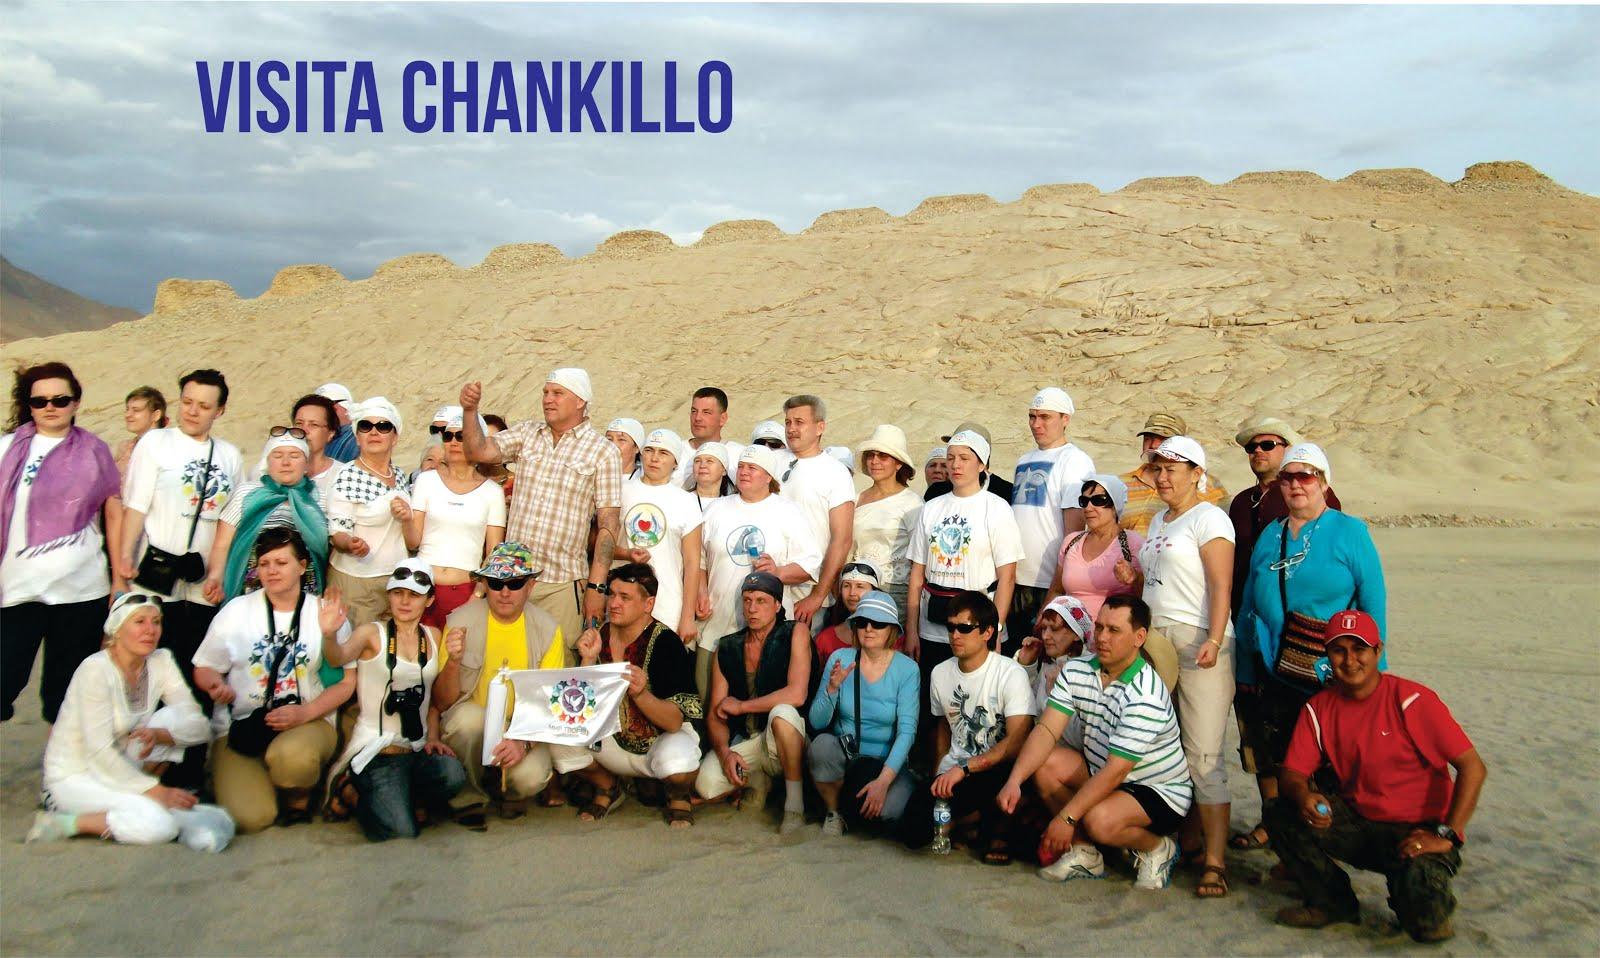 Chankillo